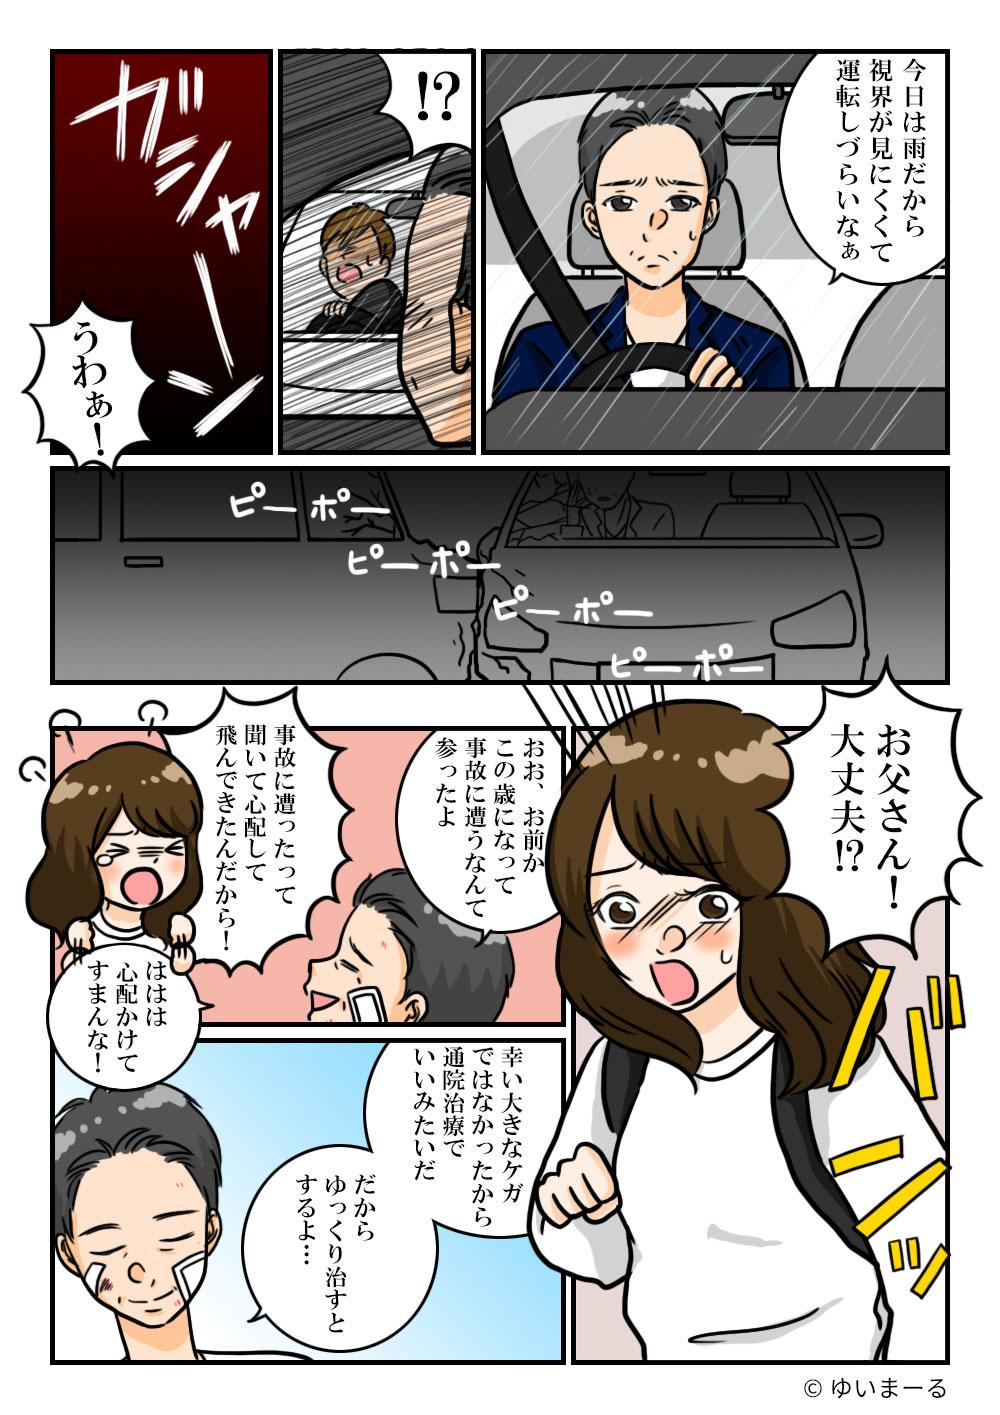 漫画4-1